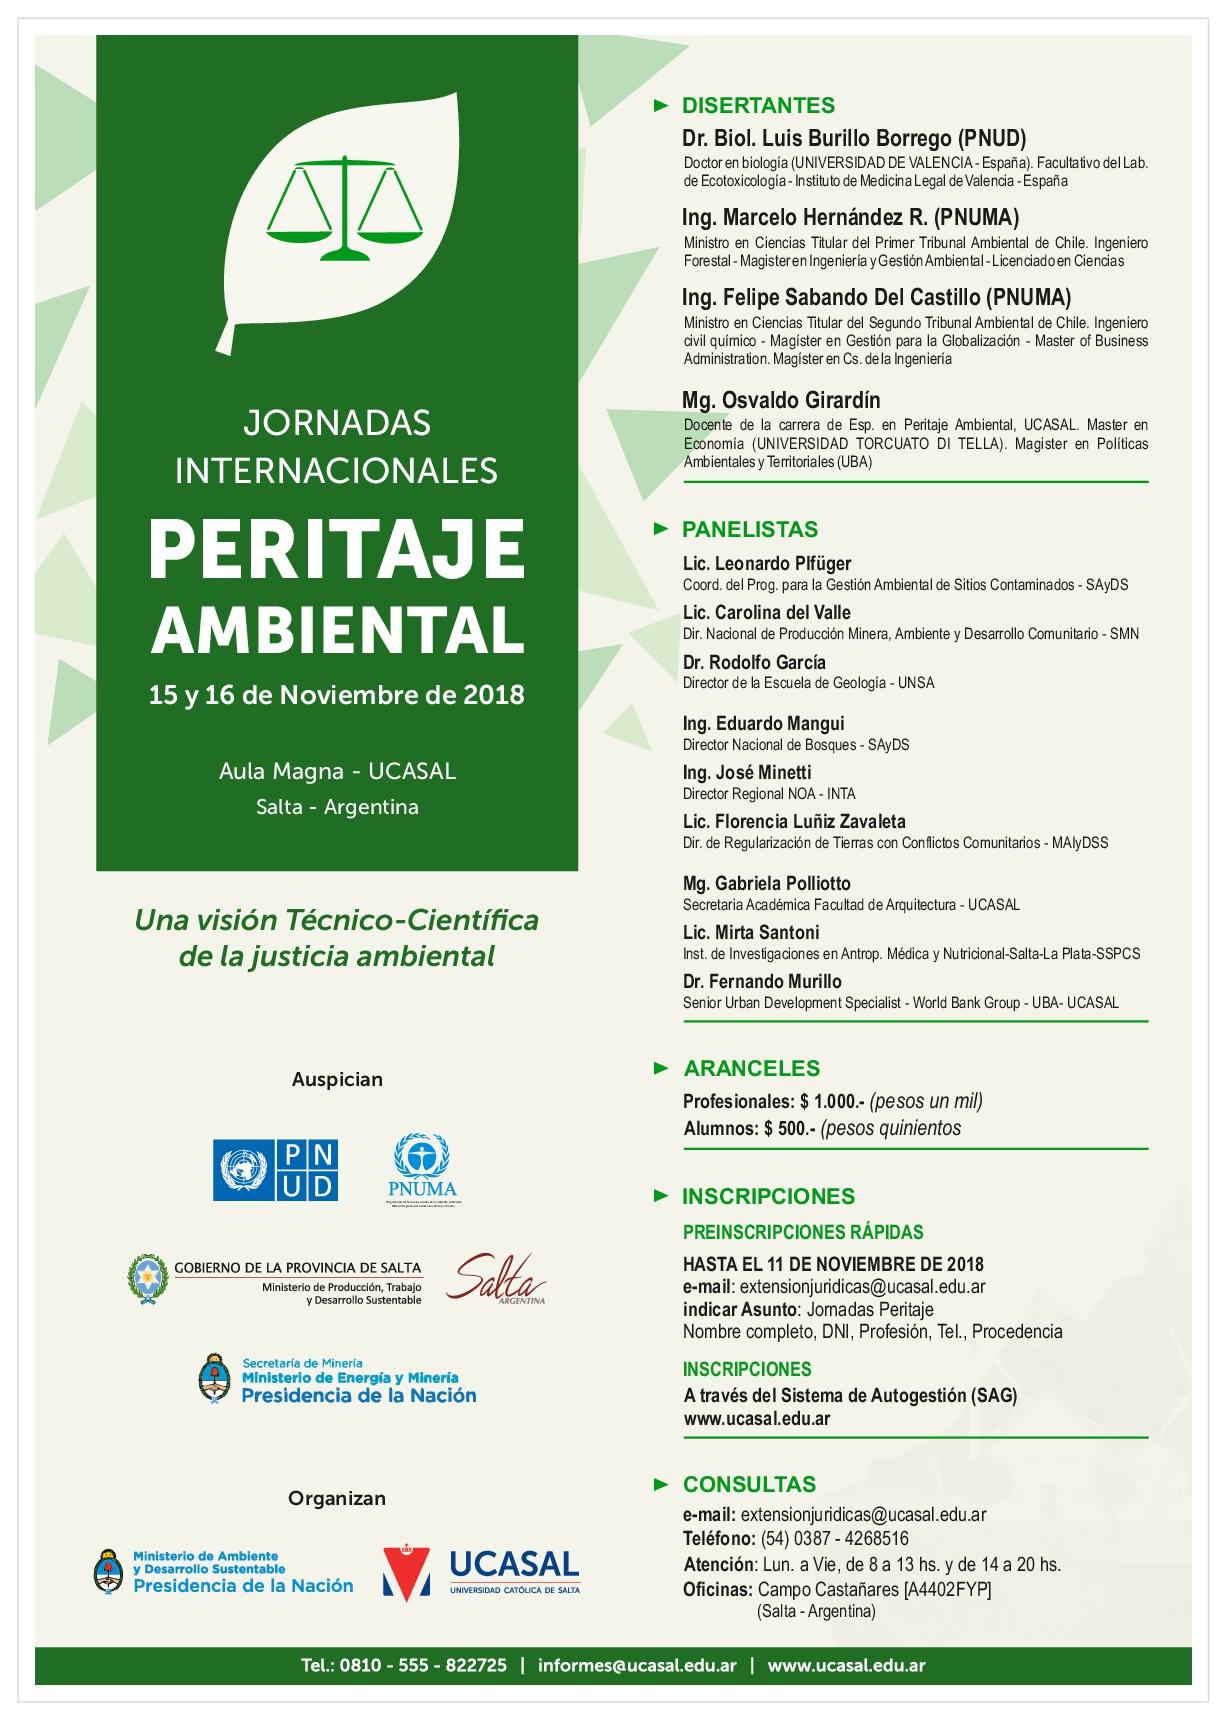 Flyer - JORNADAS INTERNACIONALES DE PERITAJE AMBIENTAL-001